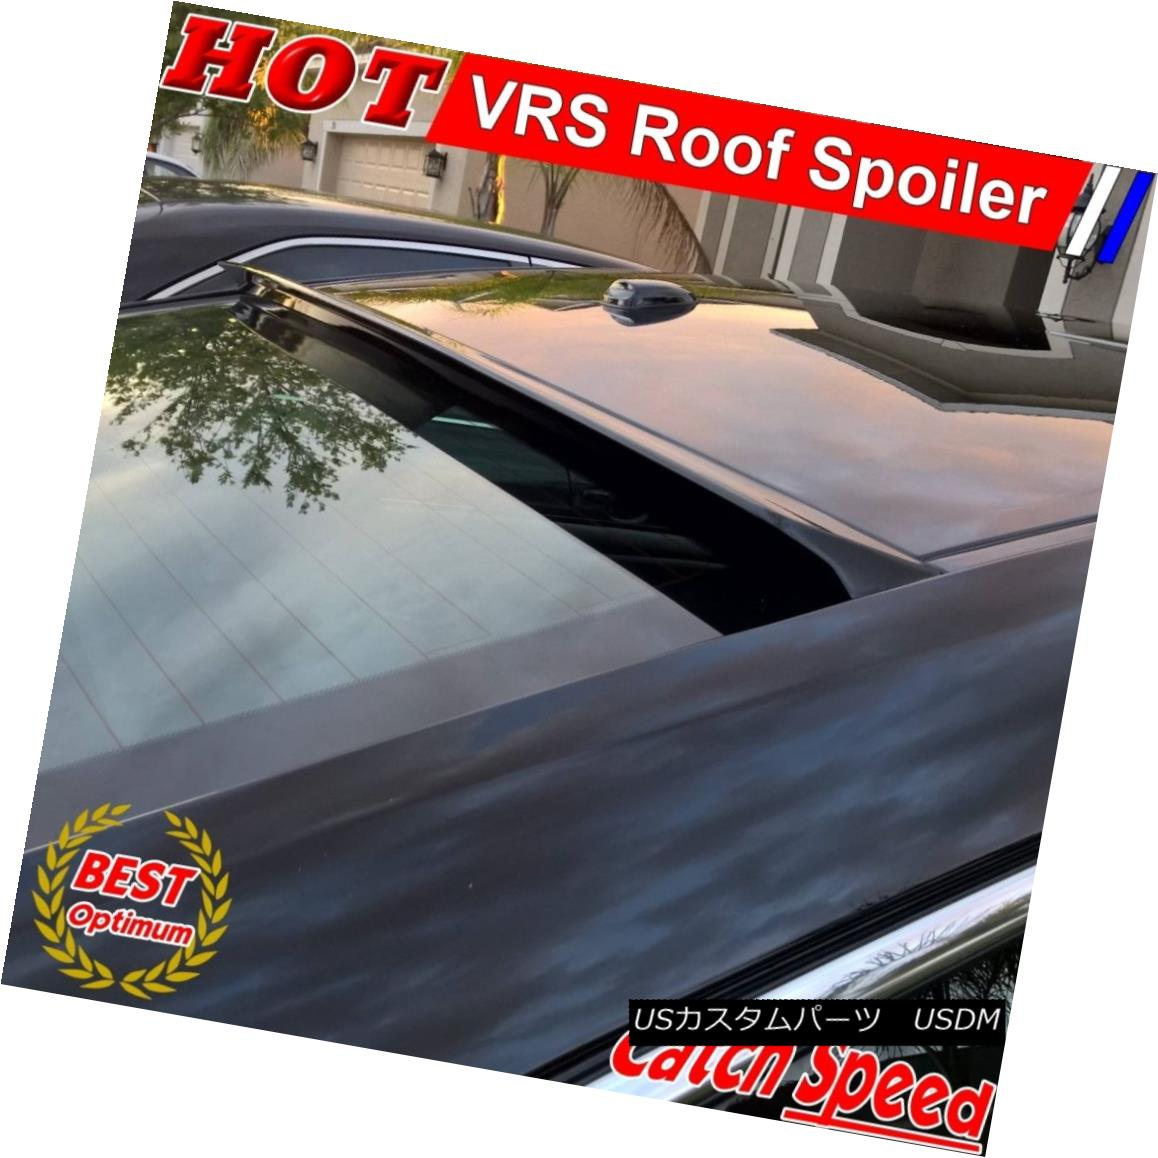 エアロパーツ Painted VRS Type Rear Roof Spoiler Wing For Lexus IS200 IS300 1998-05 Sedan 塗装VRSタイプレクサスIS200 IS300用リアルーフスポイラーウィング1998-05セダン